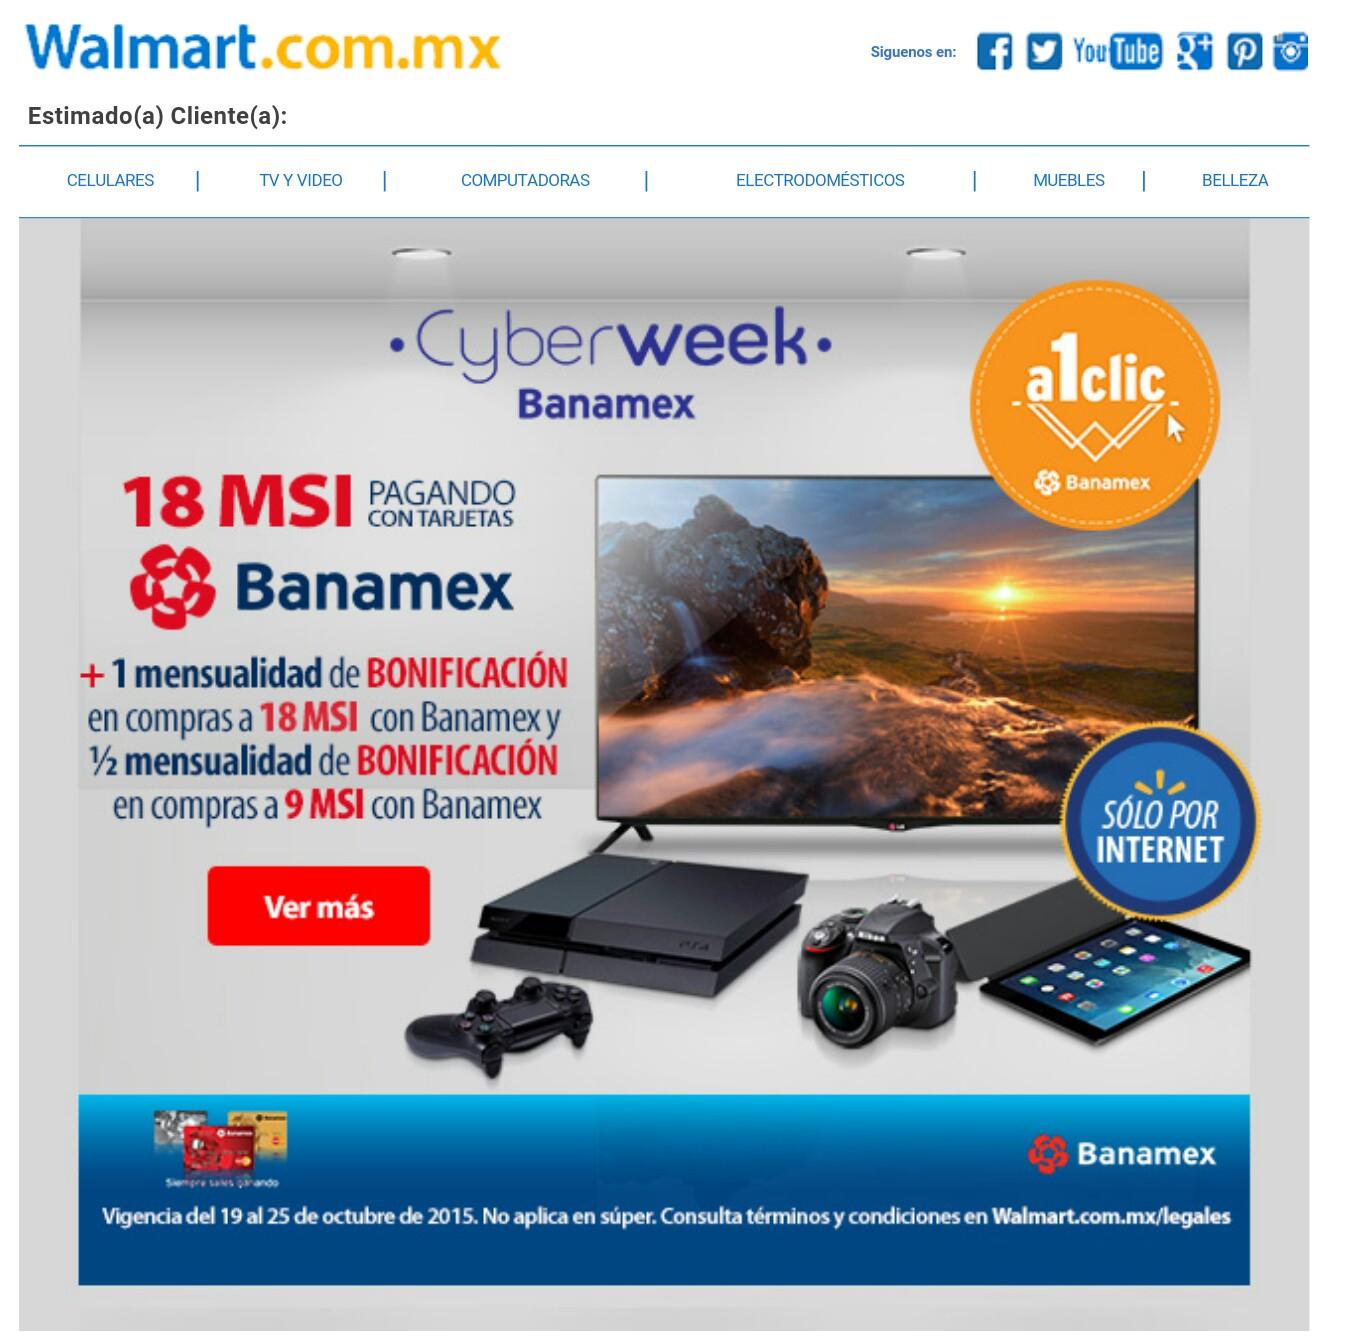 Walmart: Cyberweek, 1 mensualidad de bonificación pagando a 18 MSI con Banamex.